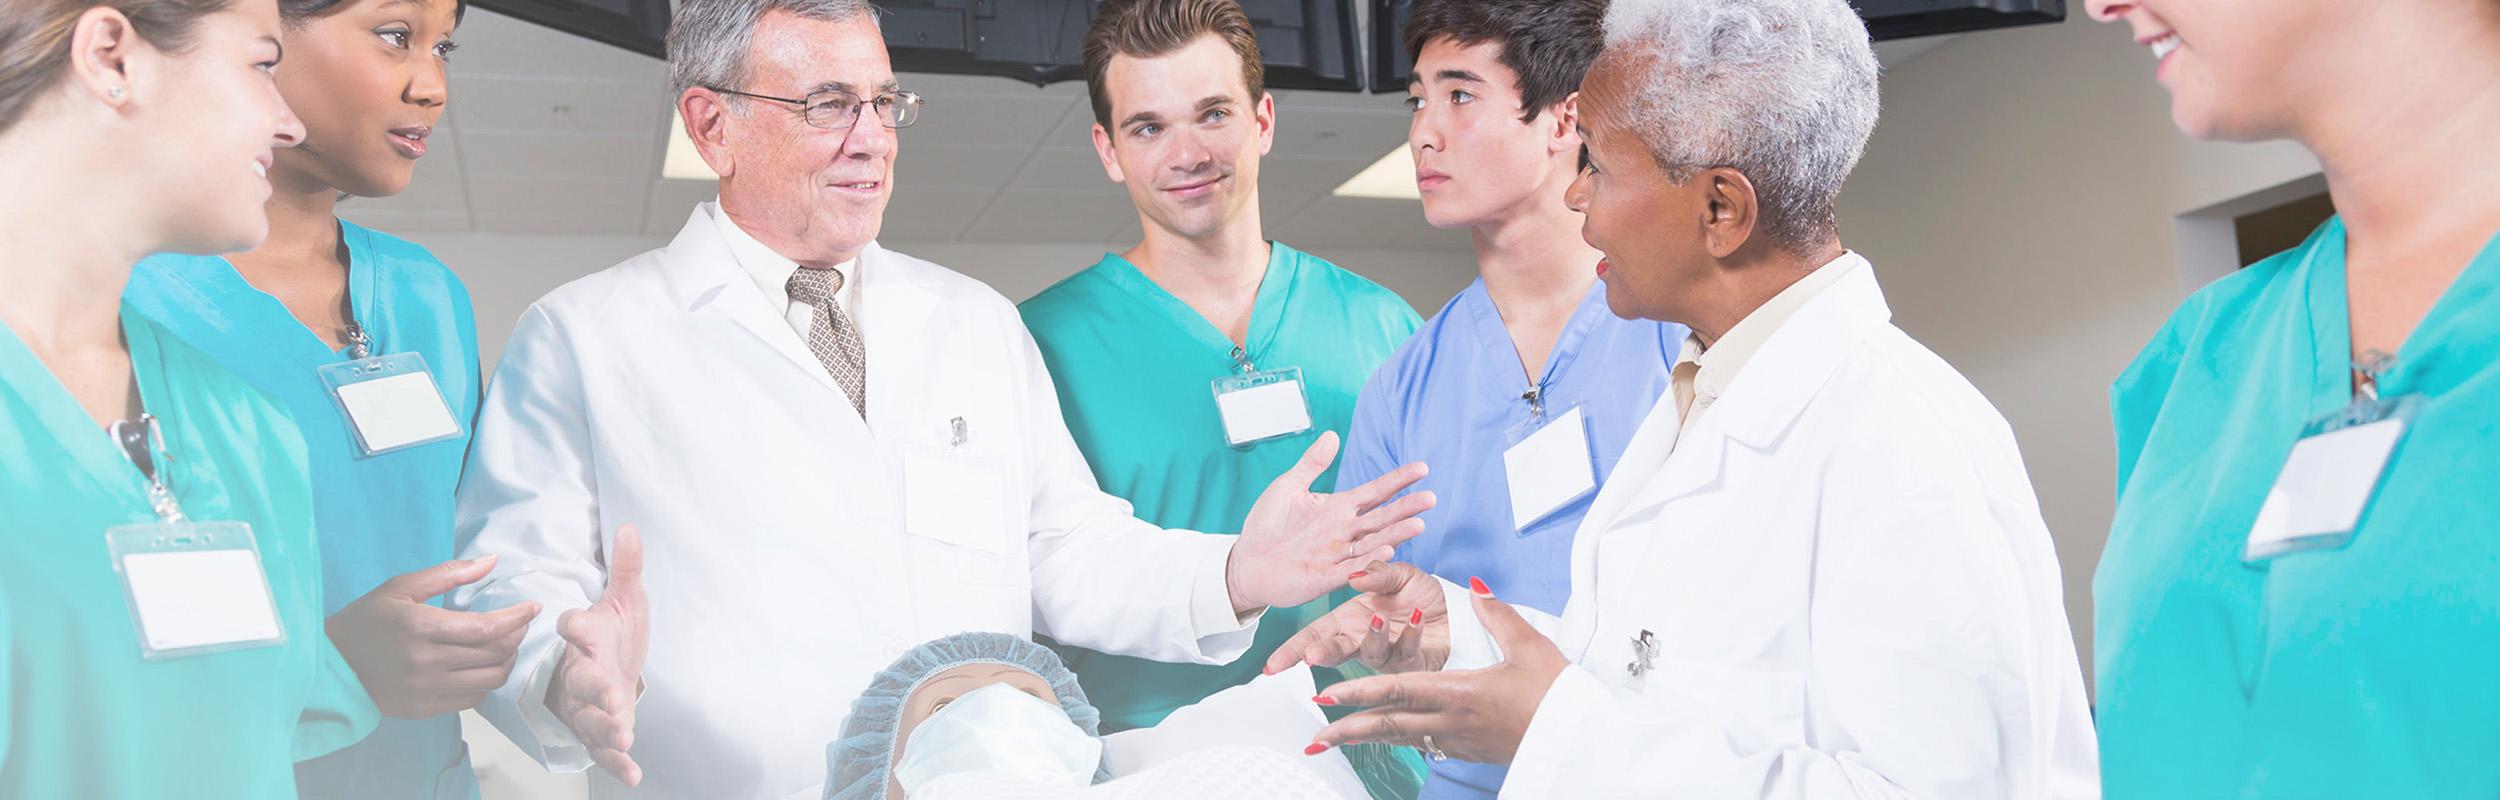 Clinical Education Jobs